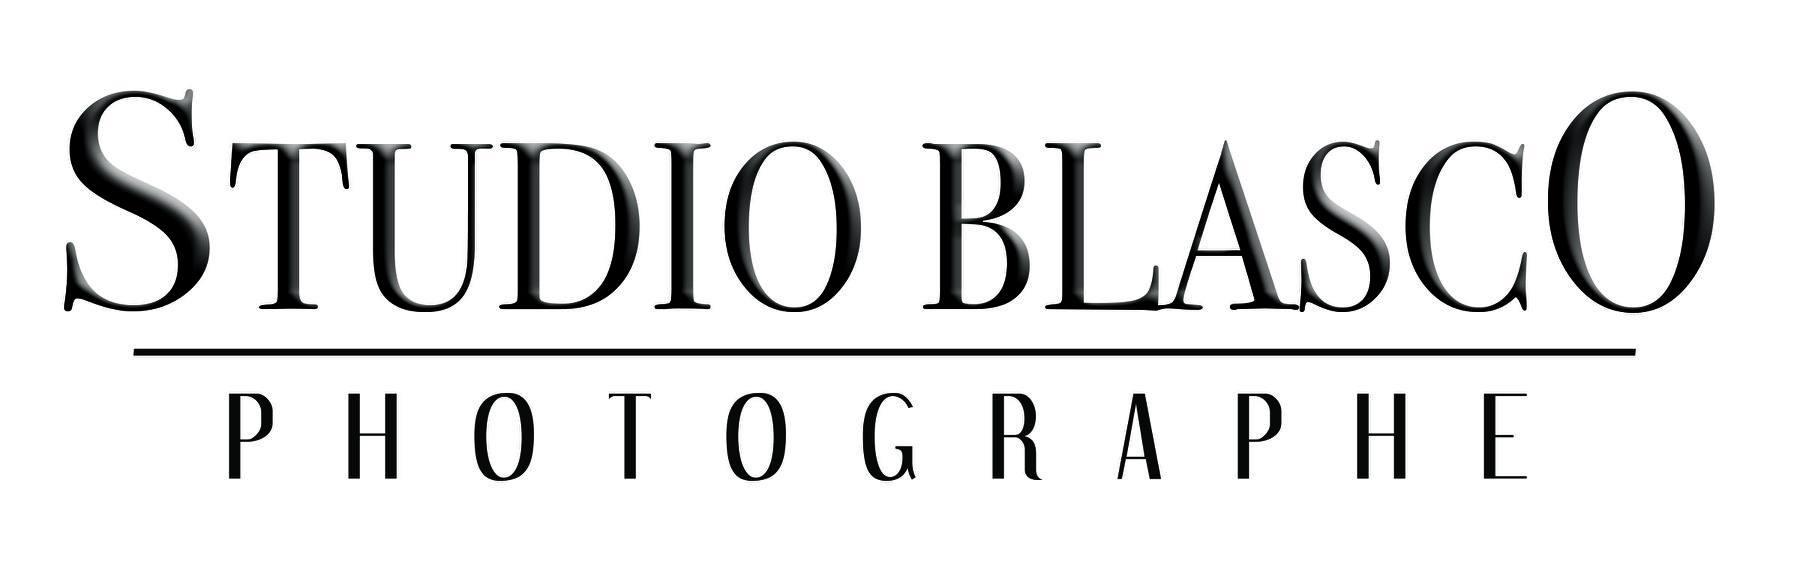 Studio Blasco